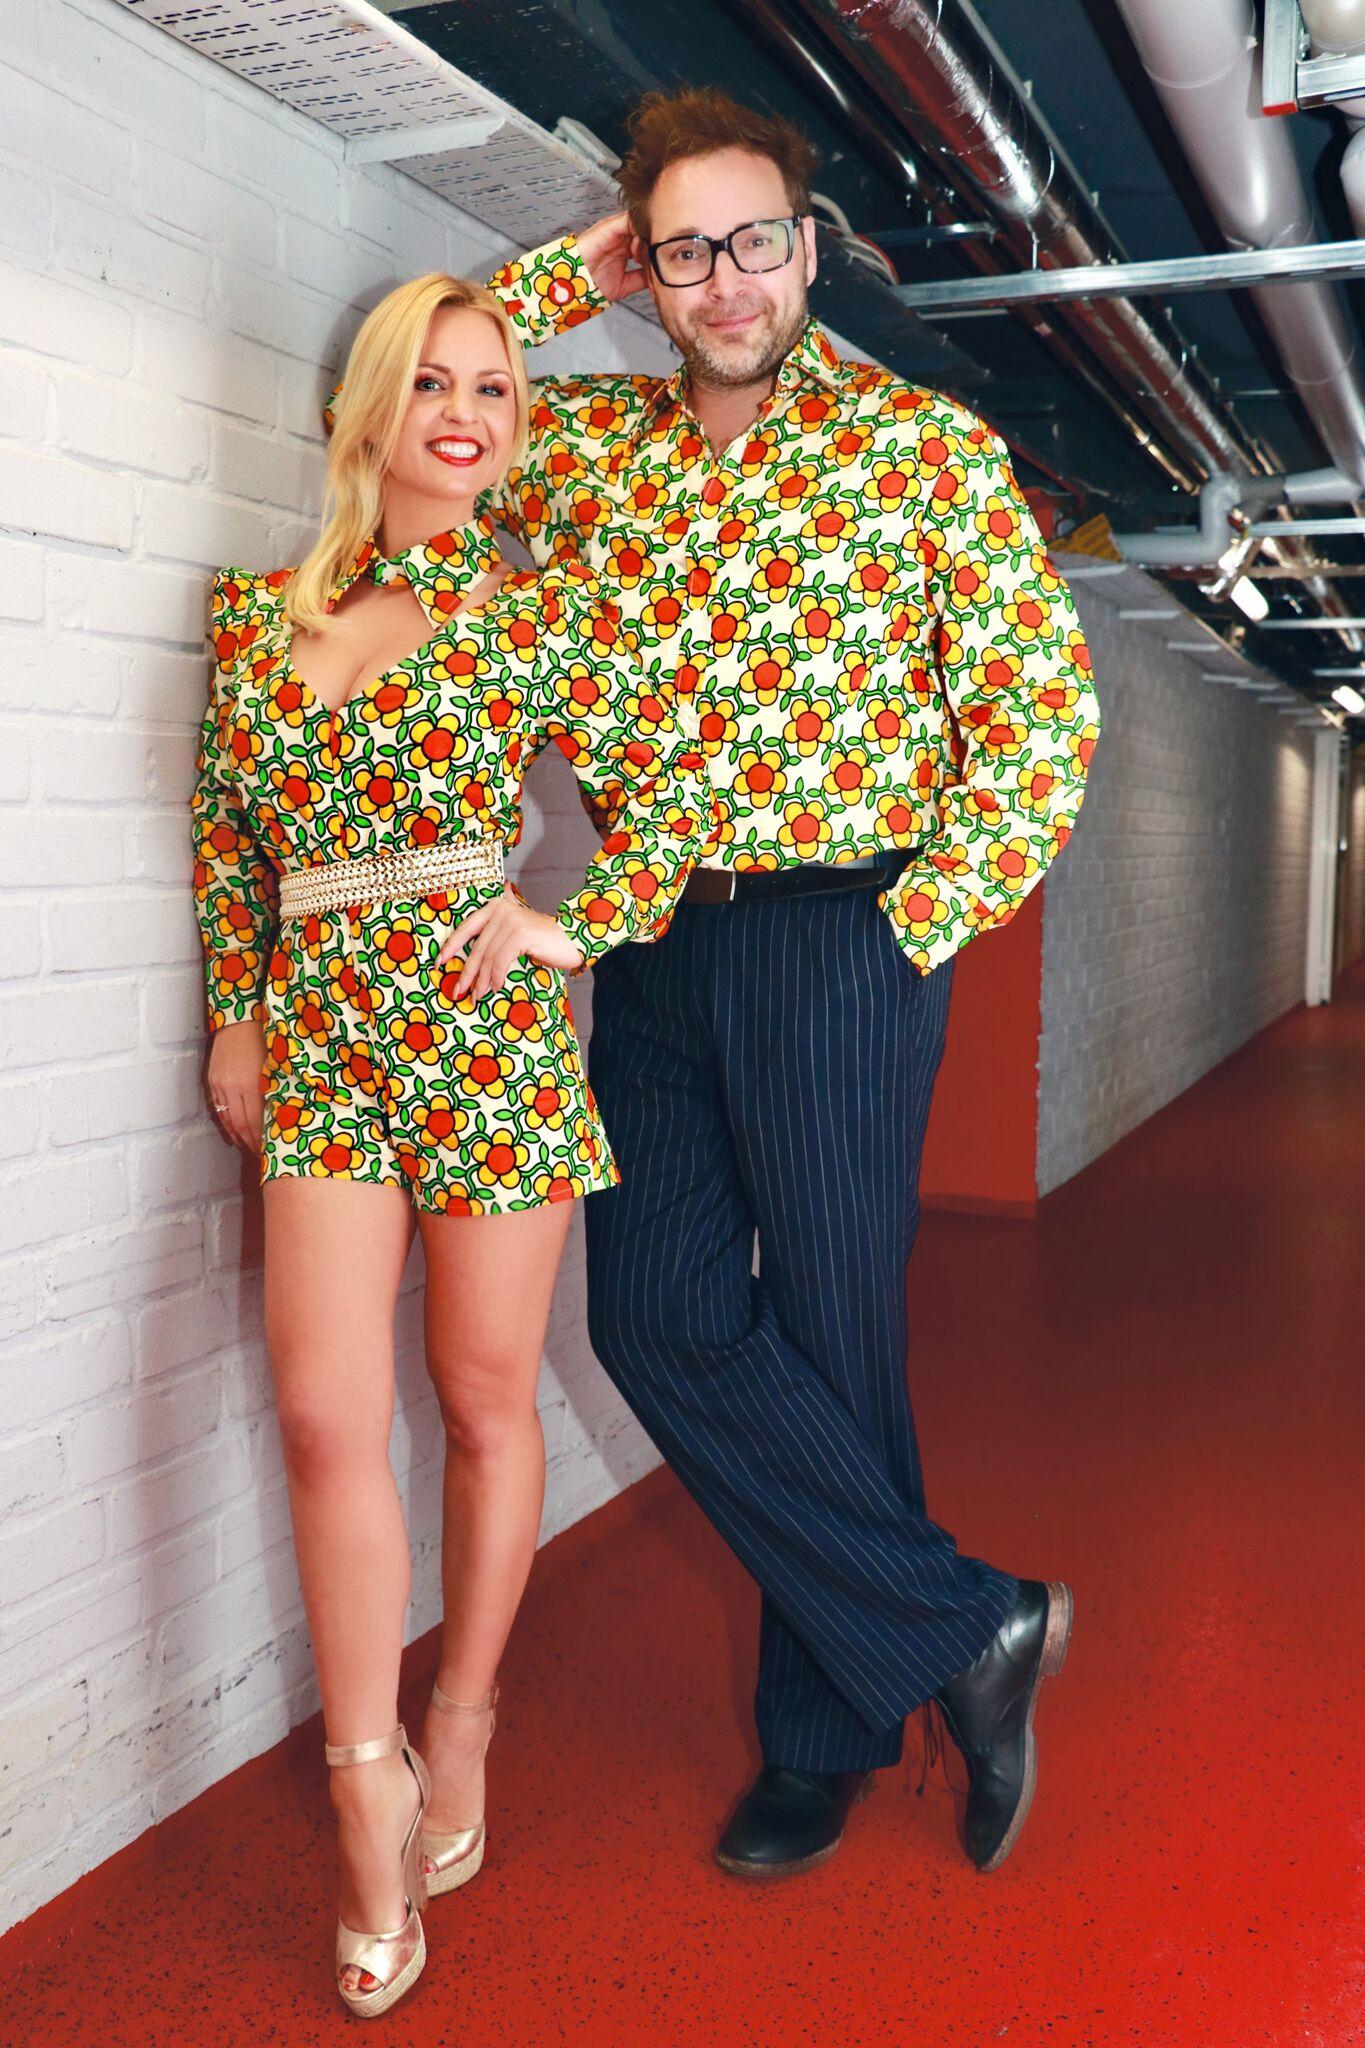 Julia Porath und Paul Panzer im Partner-Look (Bild: ©Antenne MV)